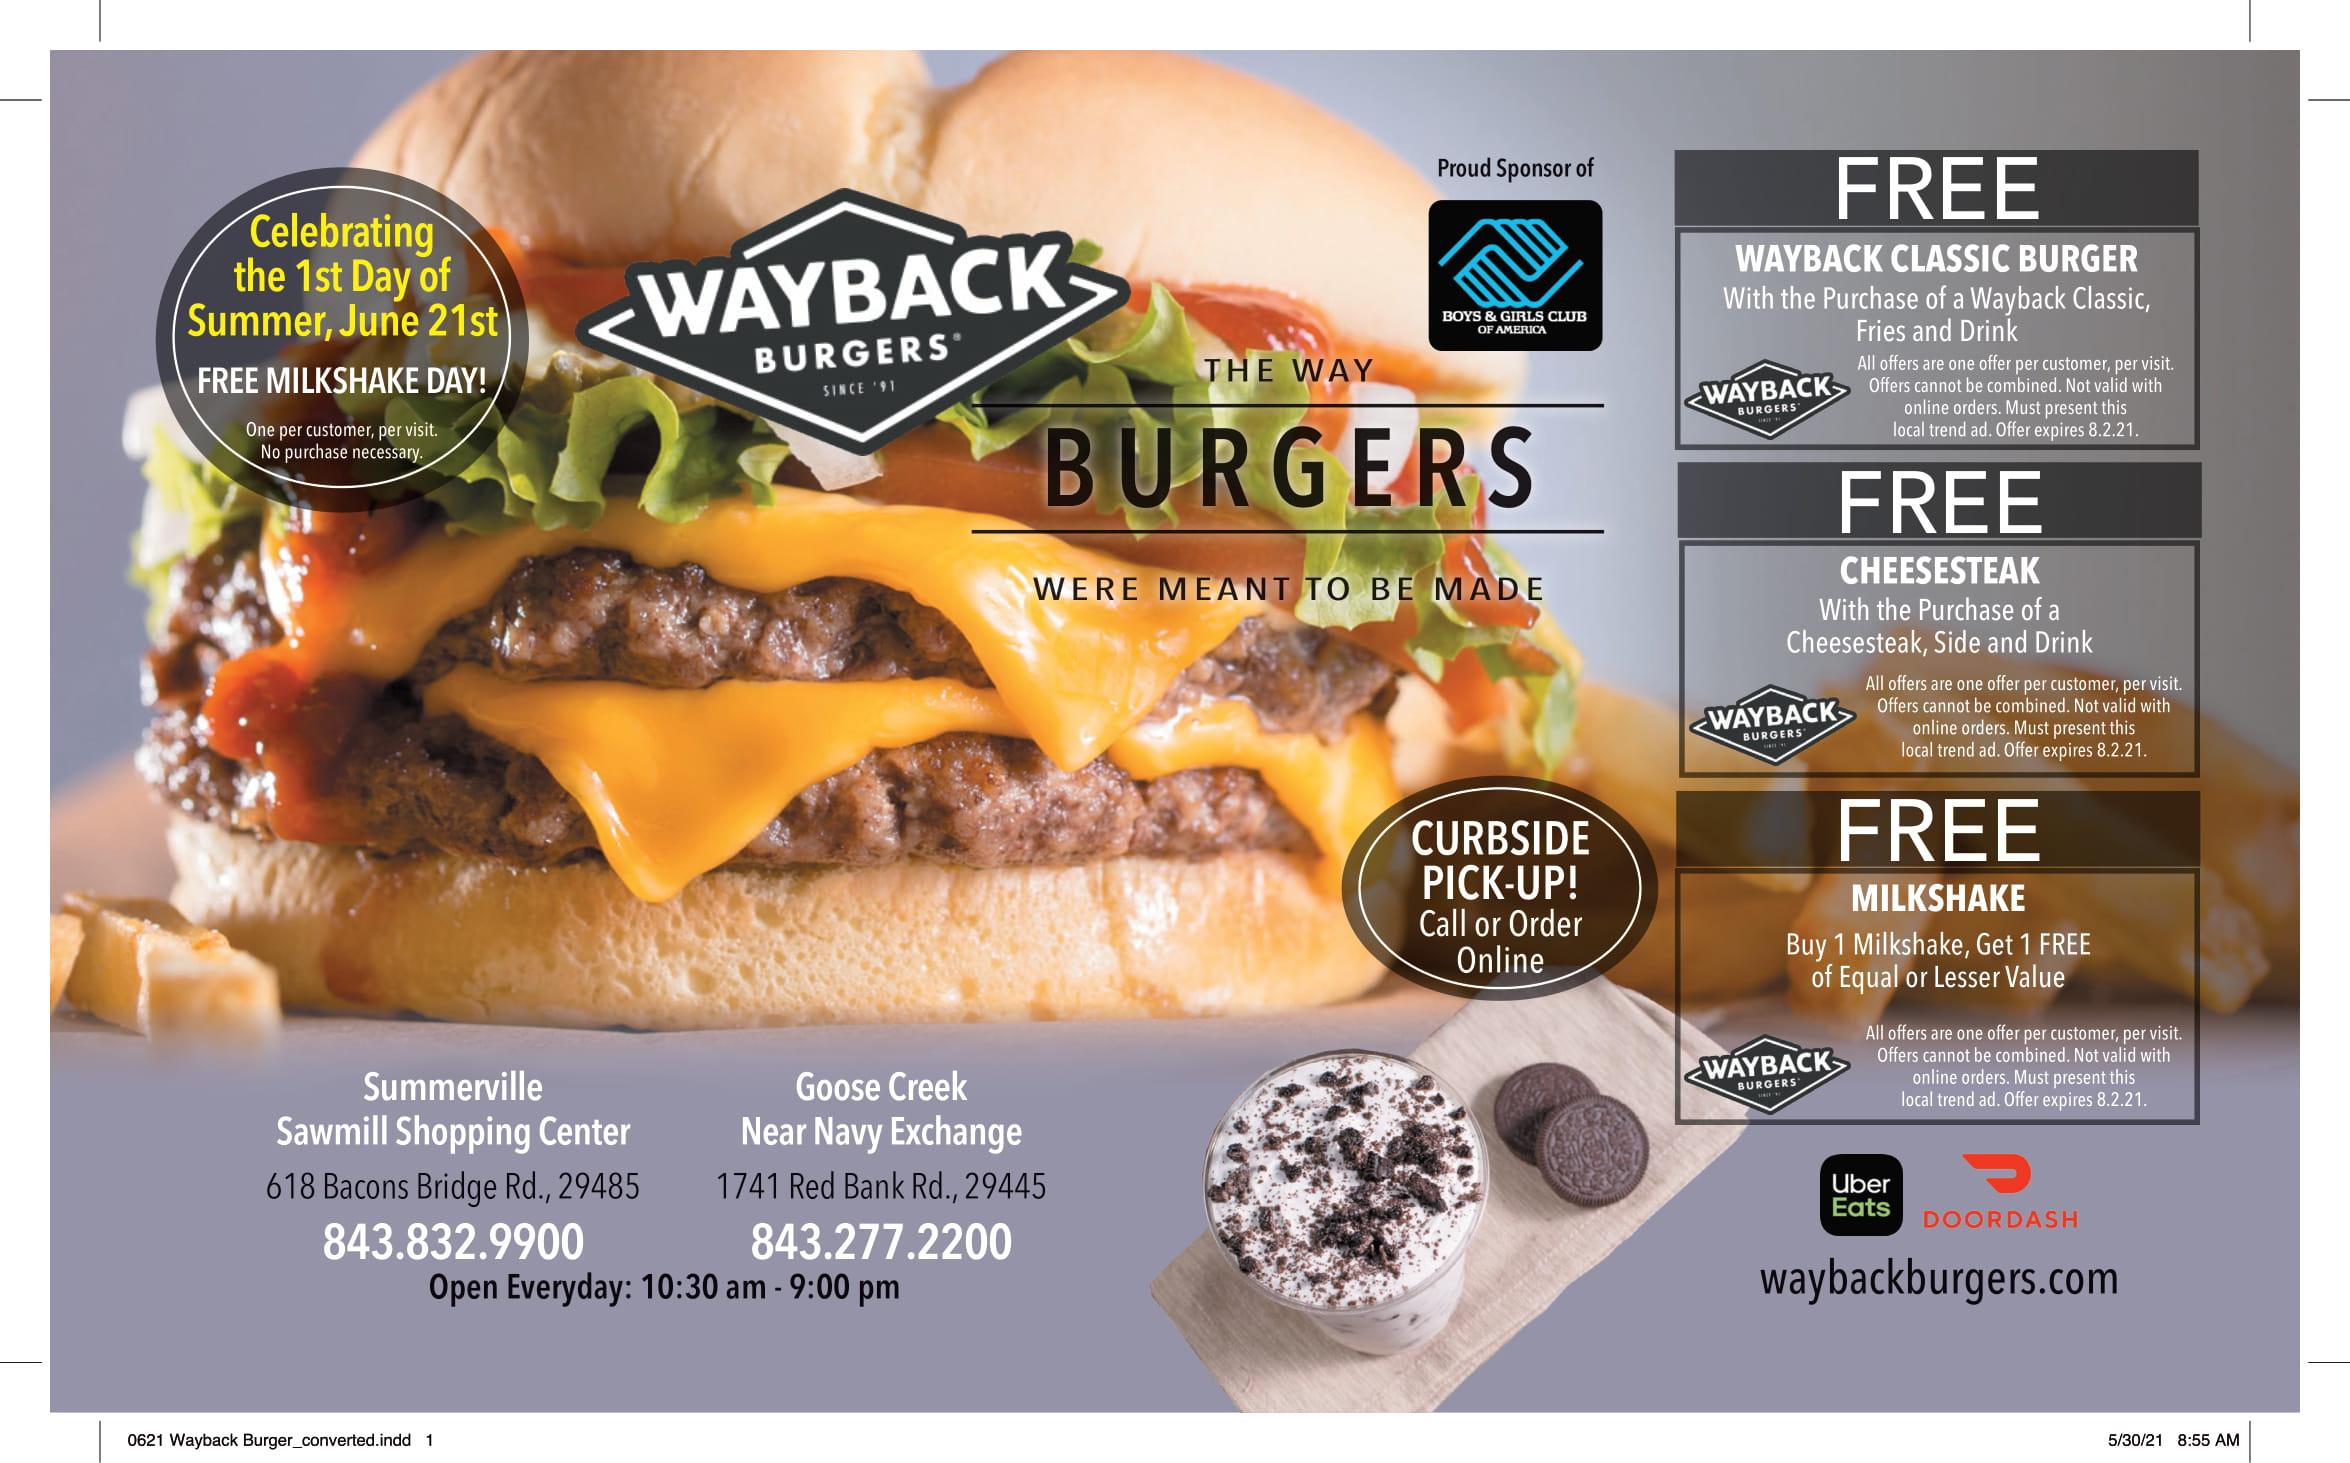 0621 Wayback Burger converted 1 1